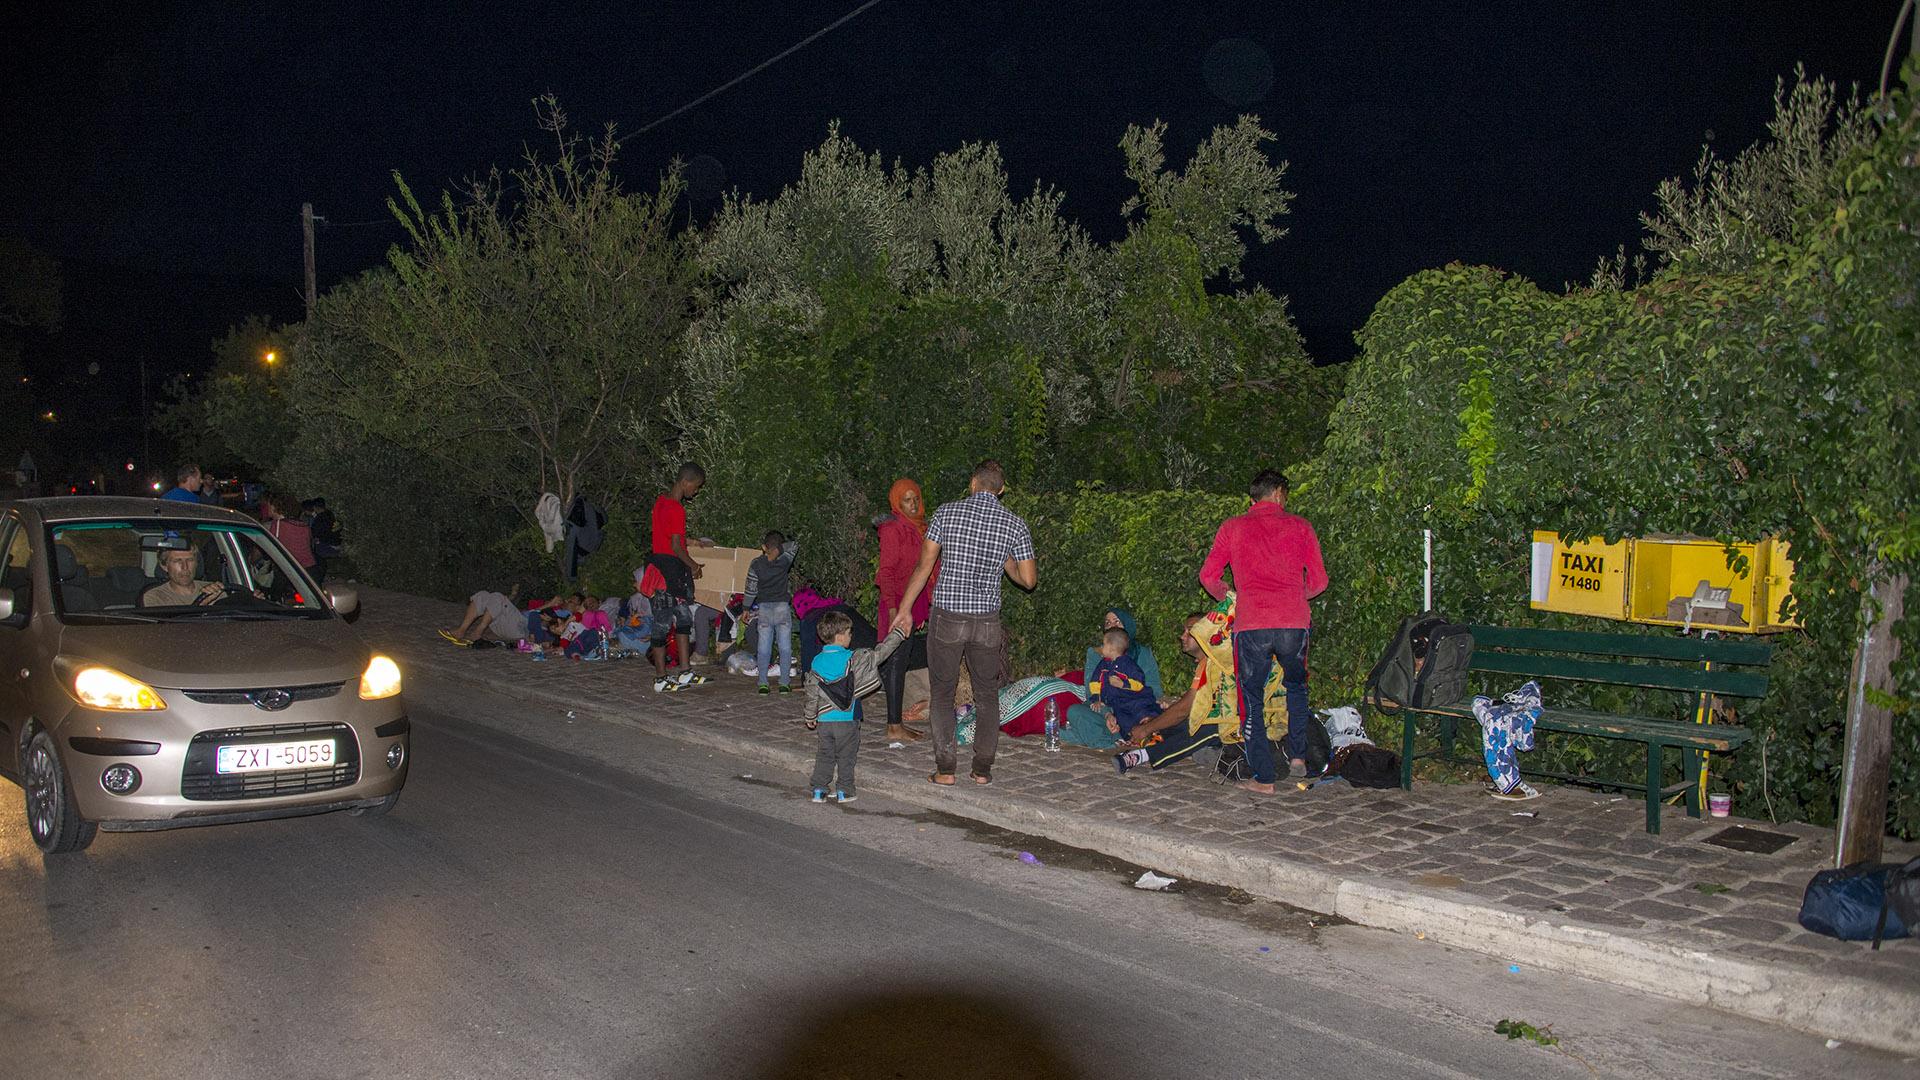 20150912 Lesbos 026